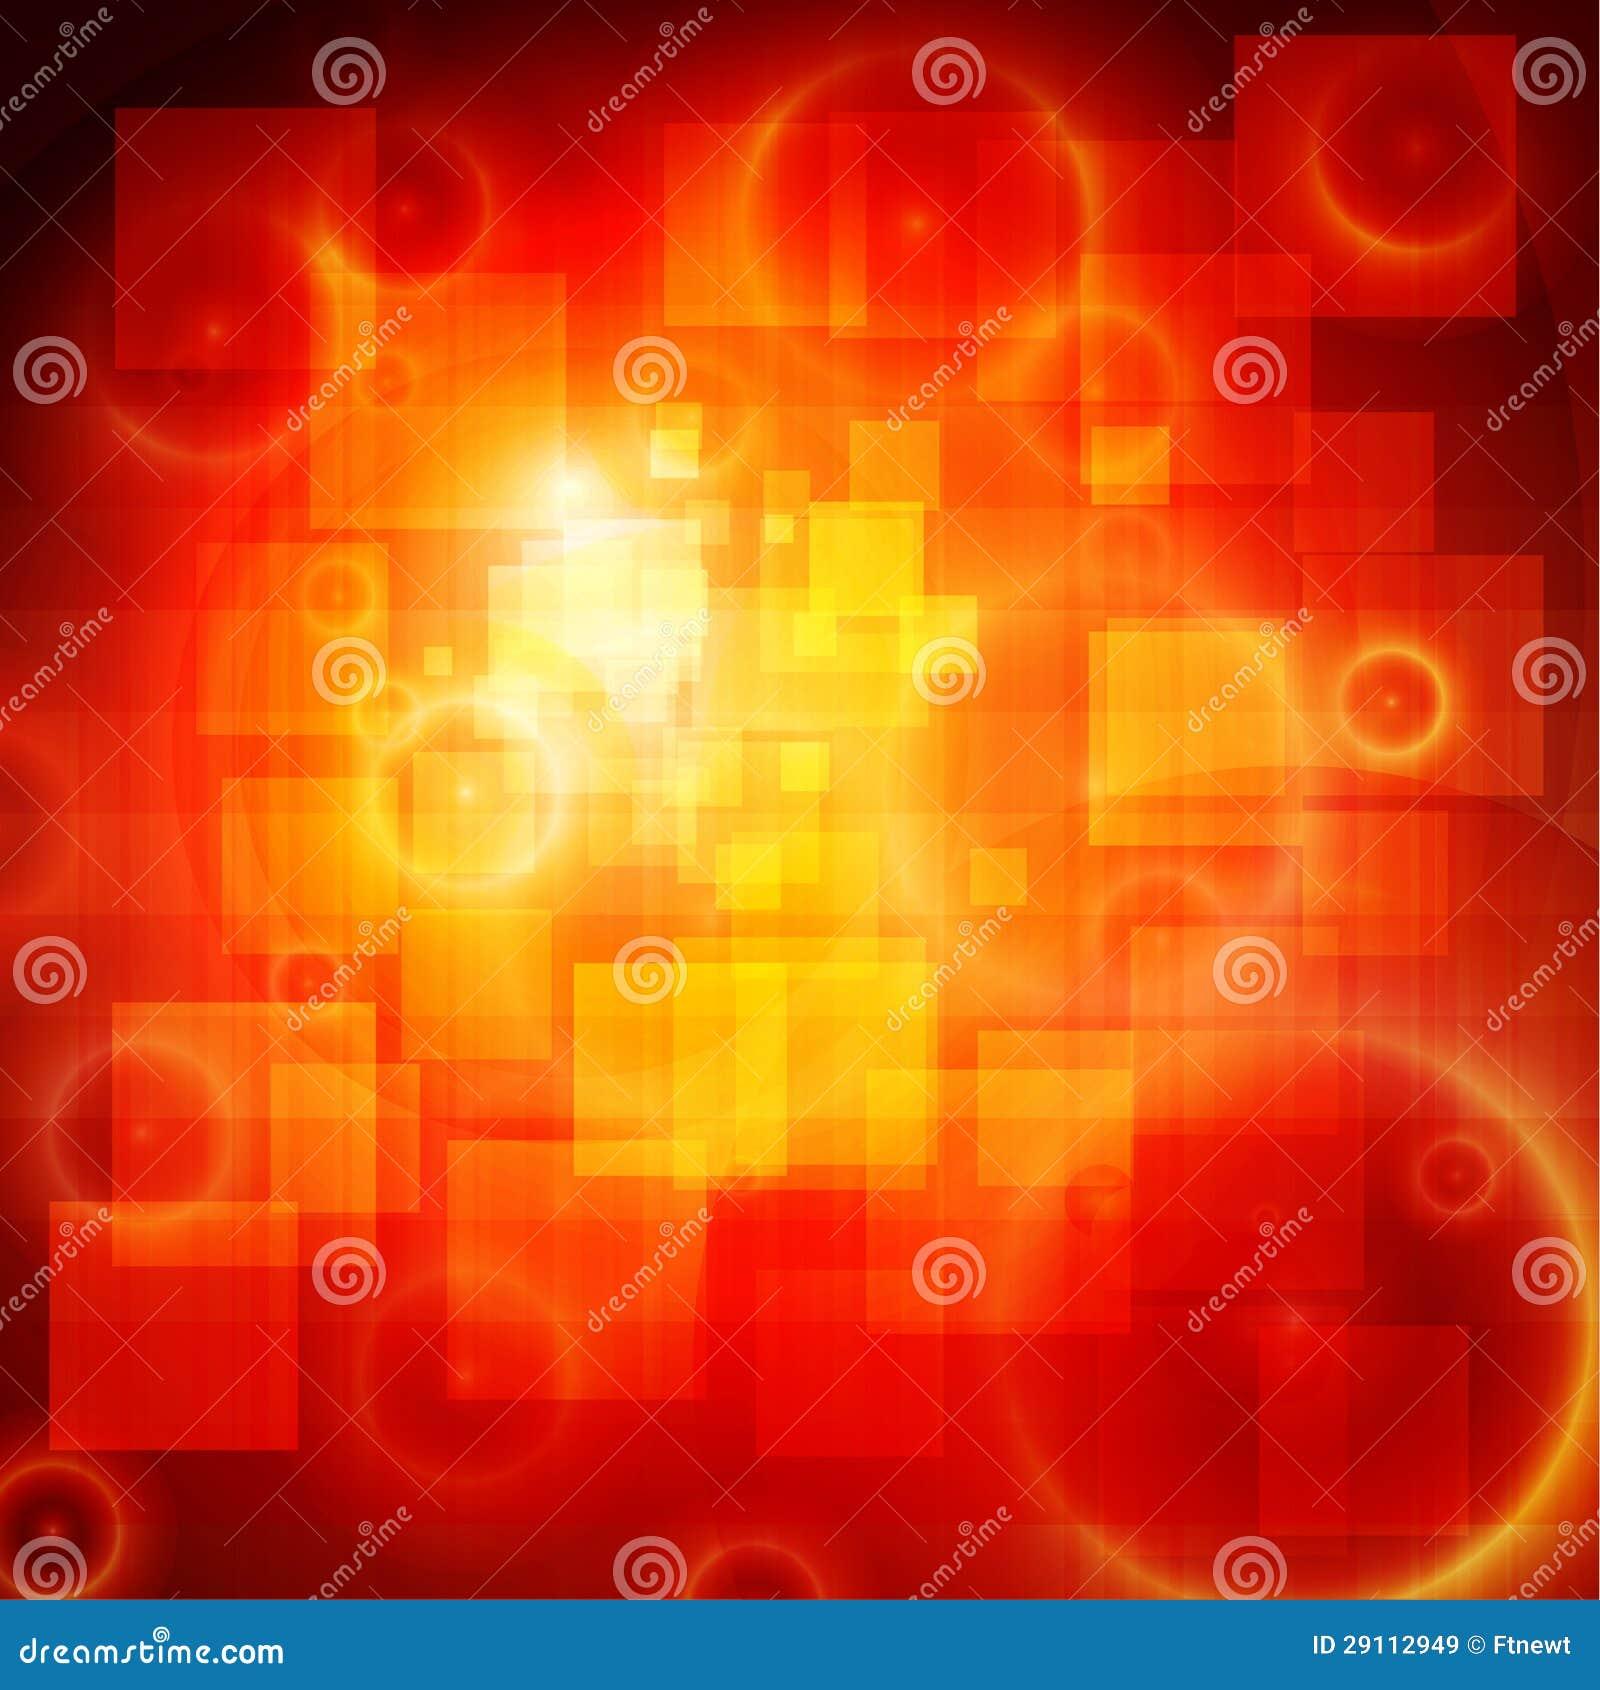 orange background free stock - photo #16